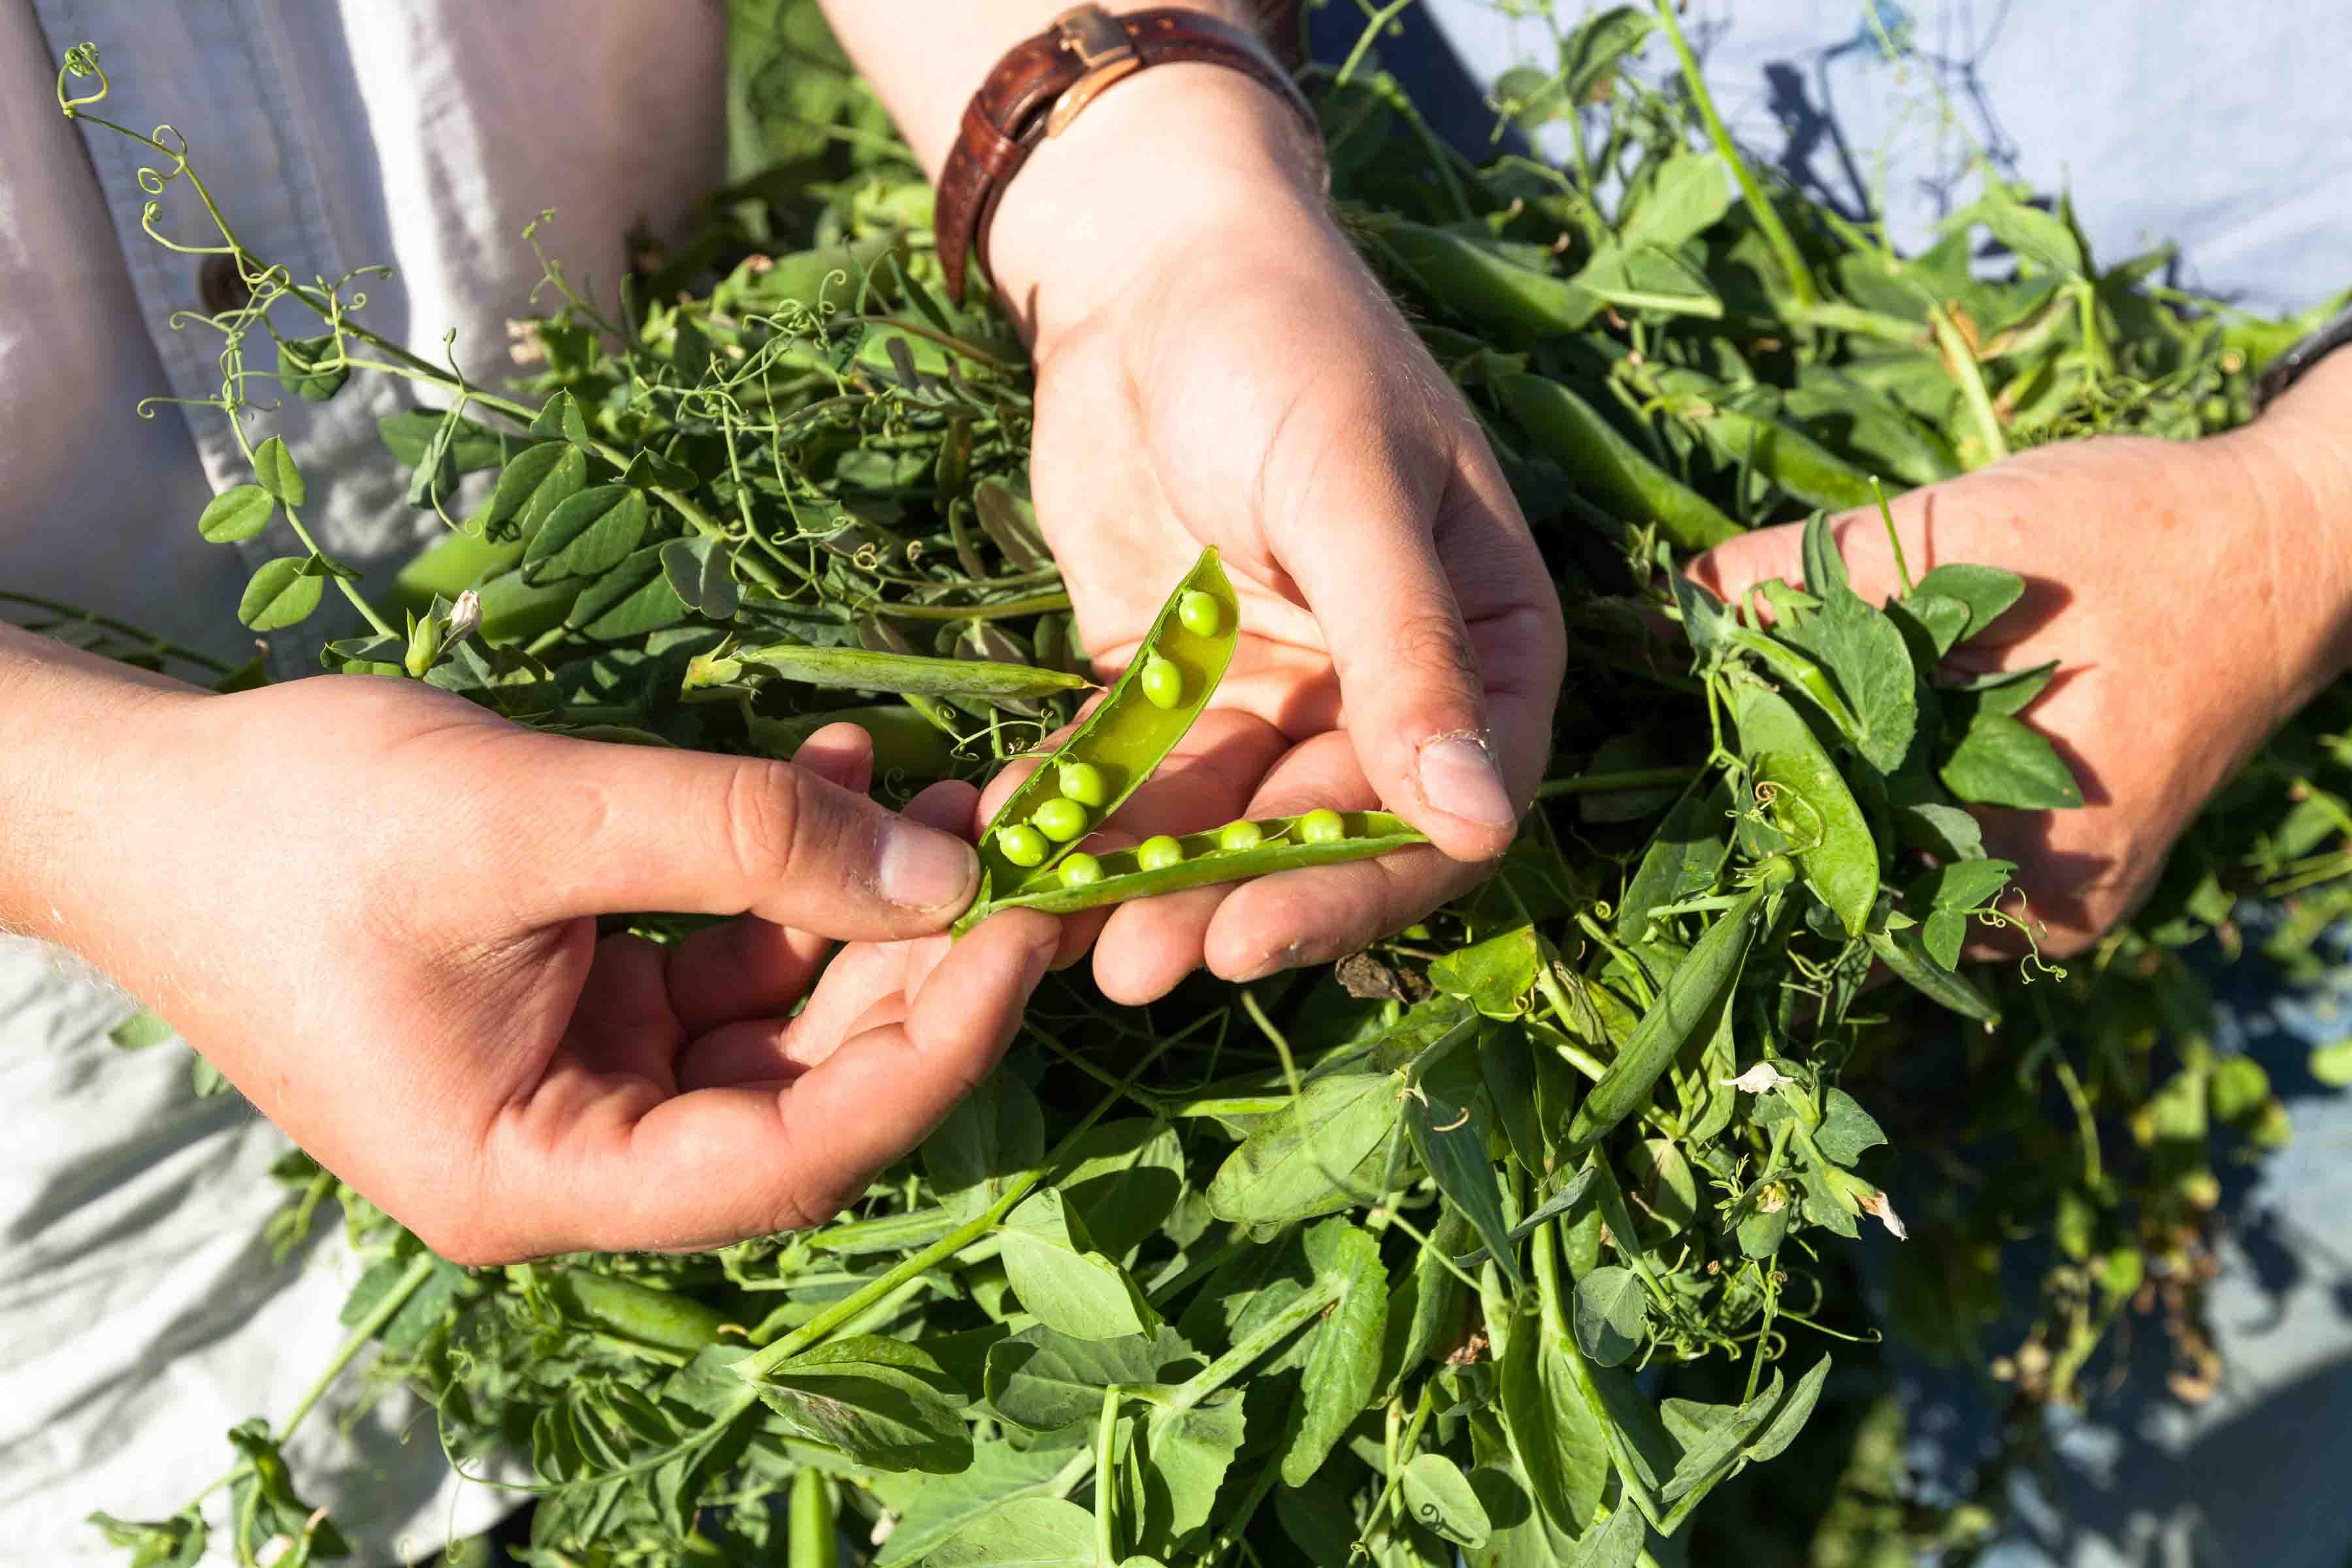 Klein, grün, kugelig und zuckersüß – auf Gut Altbokhorst in Schillsdorf im Kreis Plön gibt es wieder frisch gepalte Zuckererbsen.